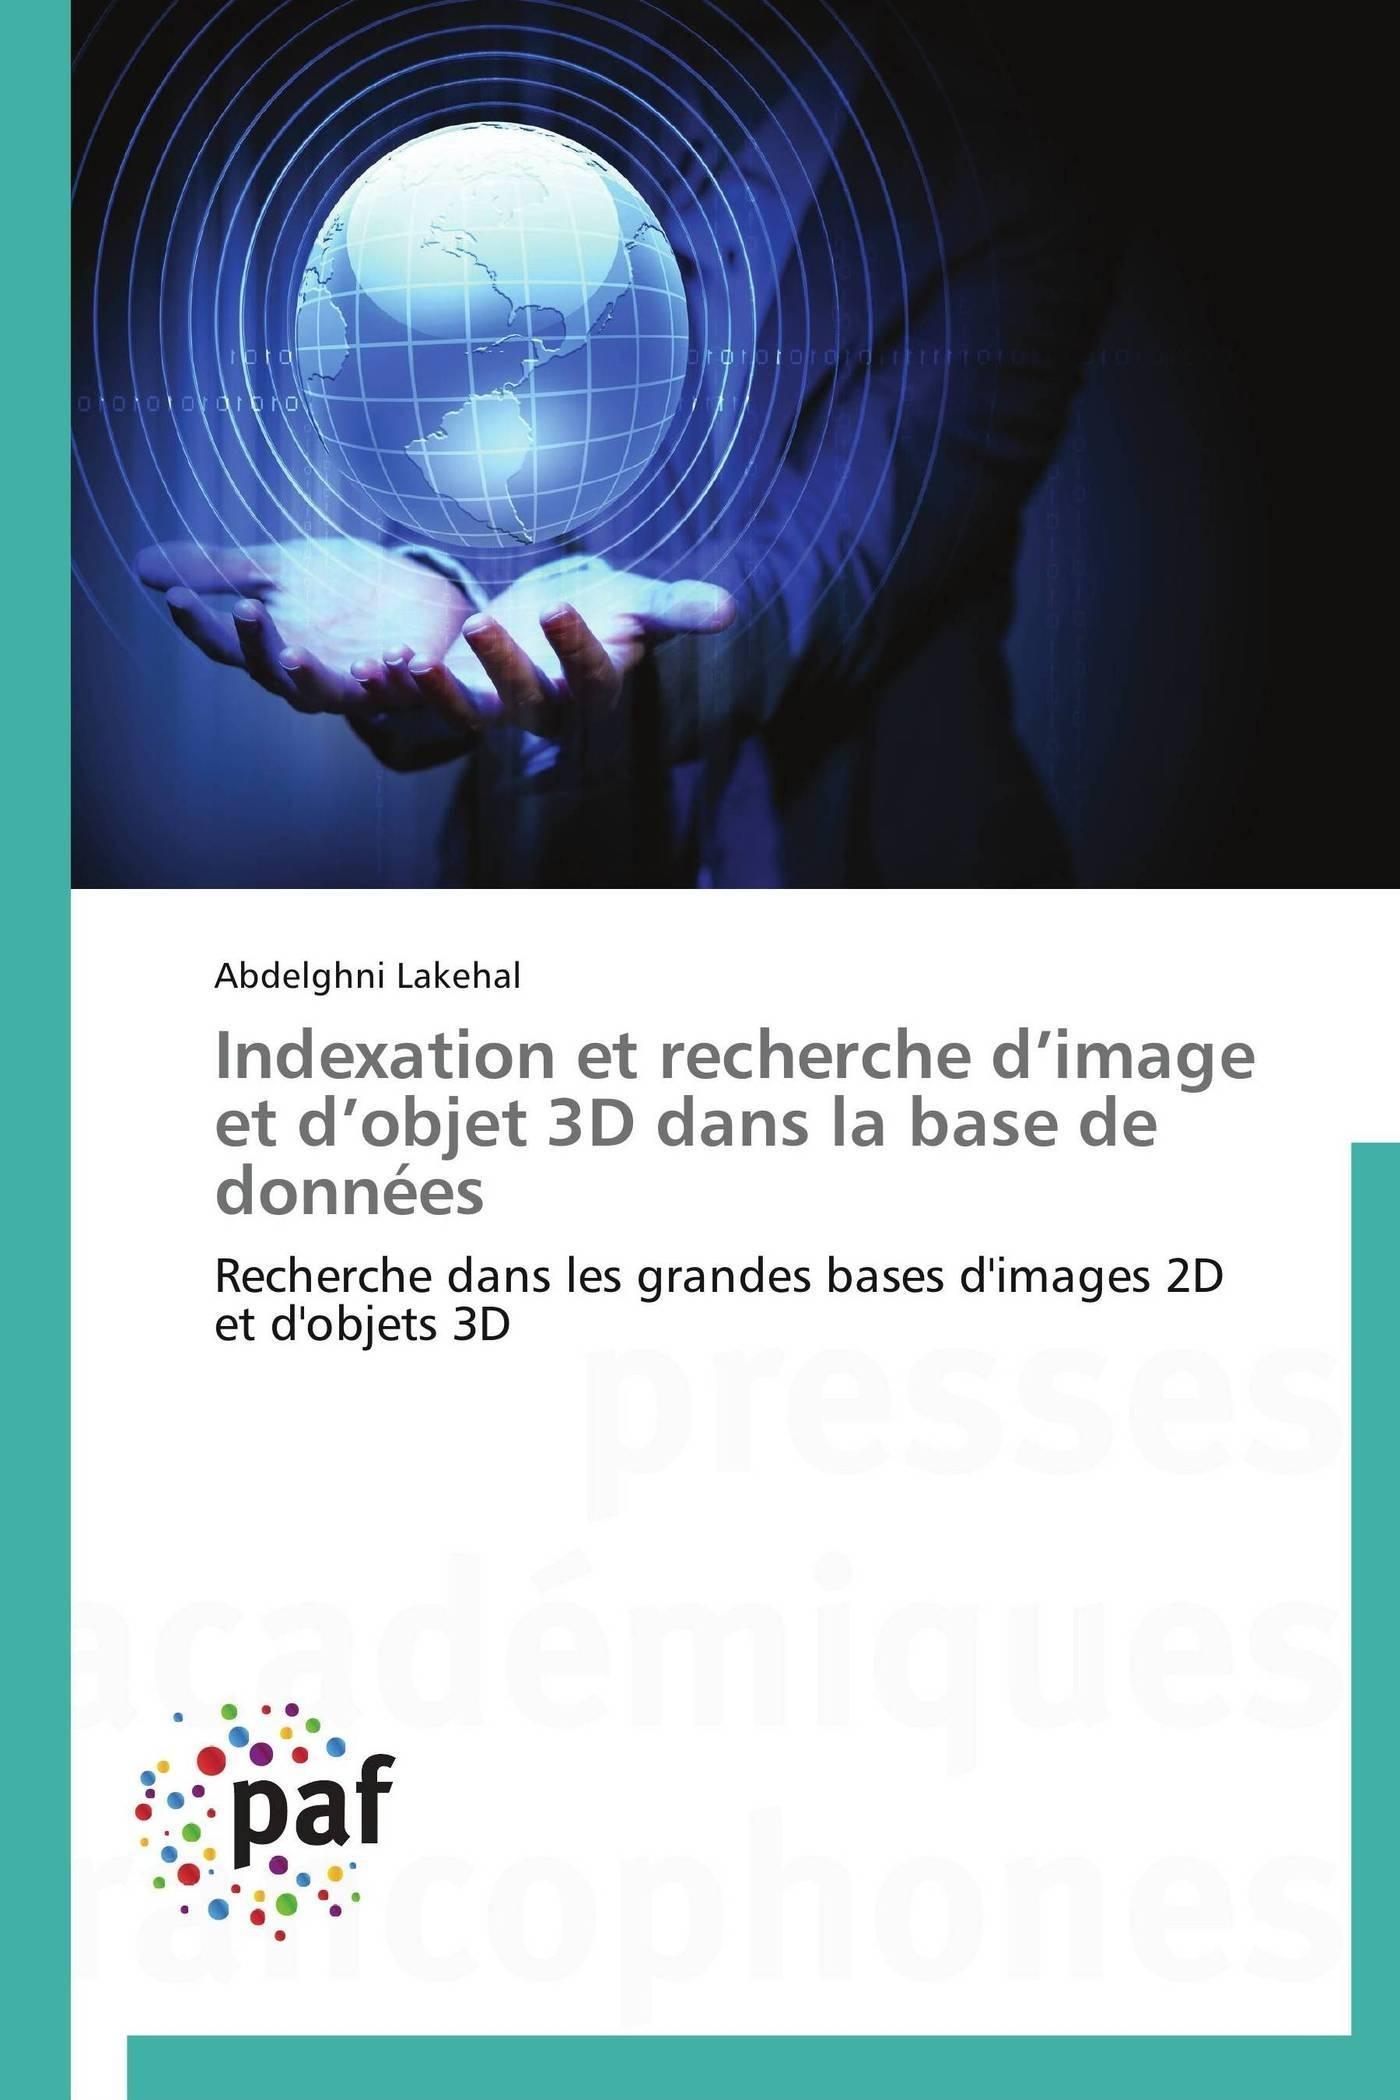 INDEXATION ET RECHERCHE D IMAGE ET D OBJET 3D DANS LA BASE DE DONNEES